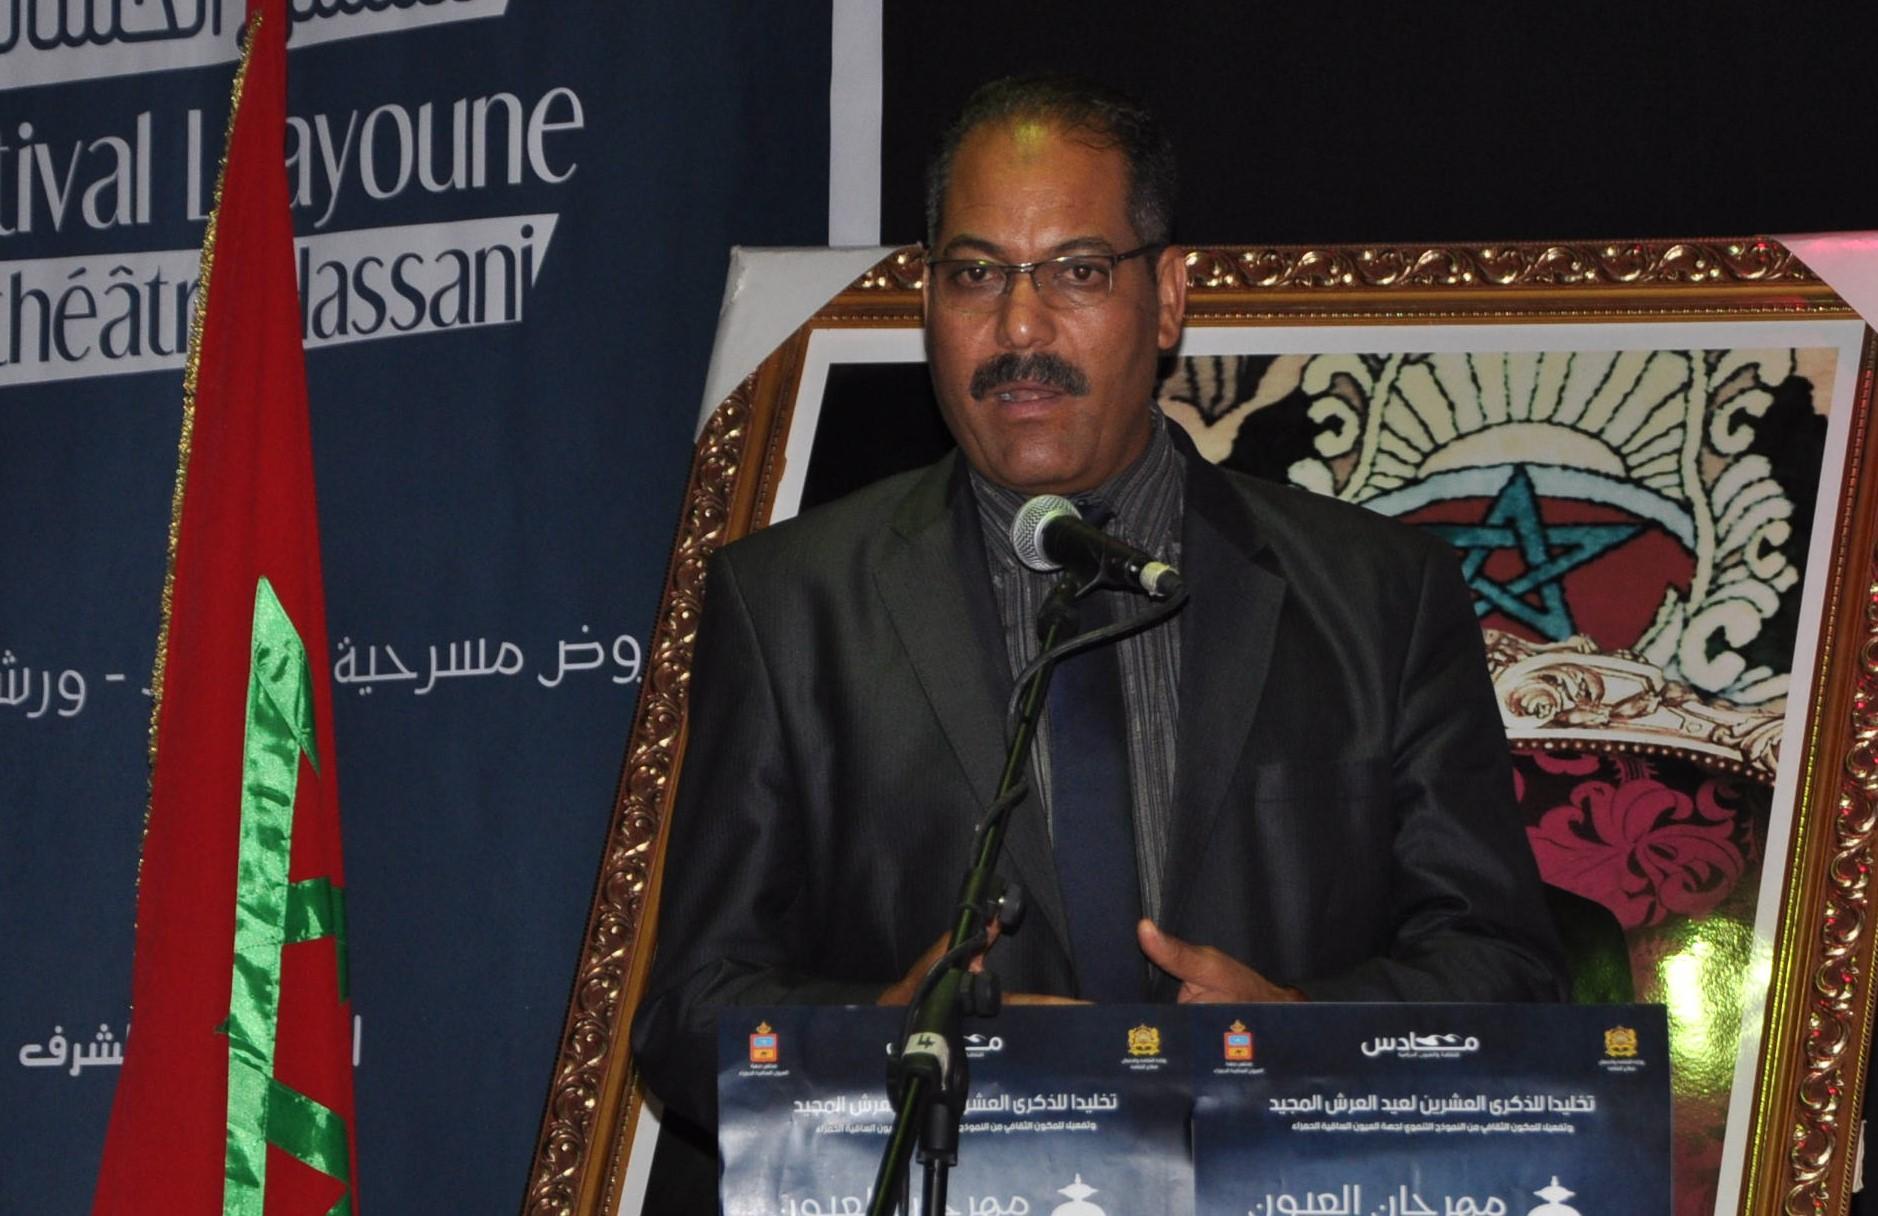 مدير الثقافة بالعيون يستعرض حصيلة البرنامج الثقافي